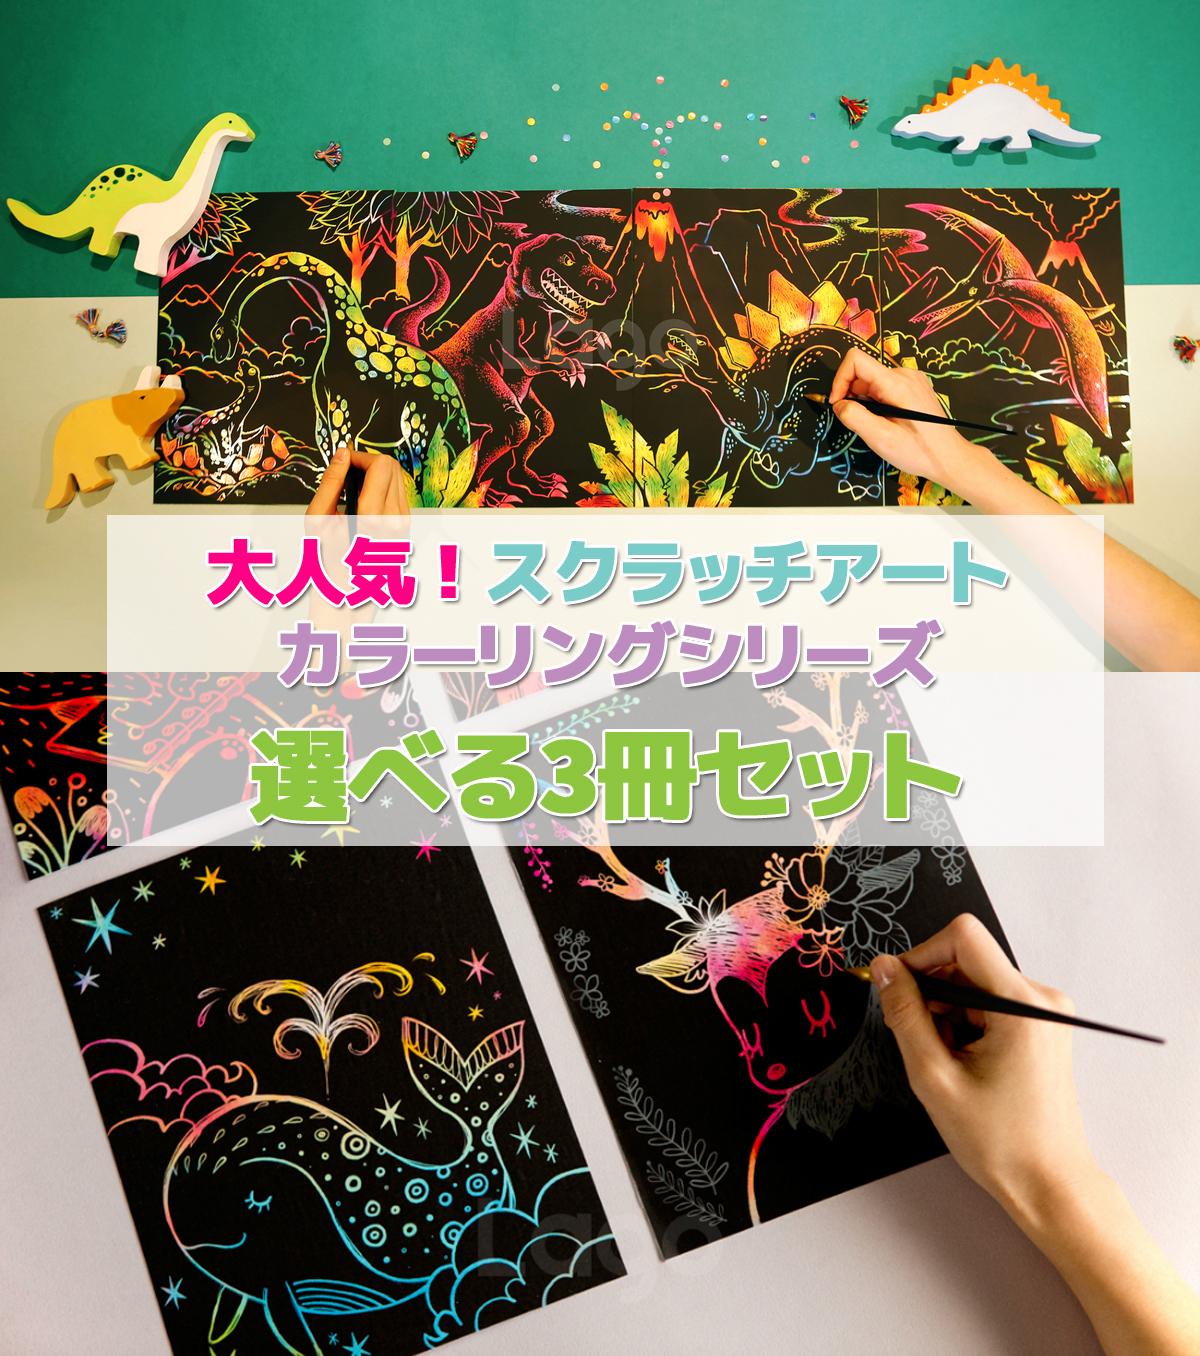 スクラッチアート スクラッチ 大人の 塗り絵 削る塗り絵 ダイナソー 恐竜 アニマル プリンセス お姫様 童話 キッズ